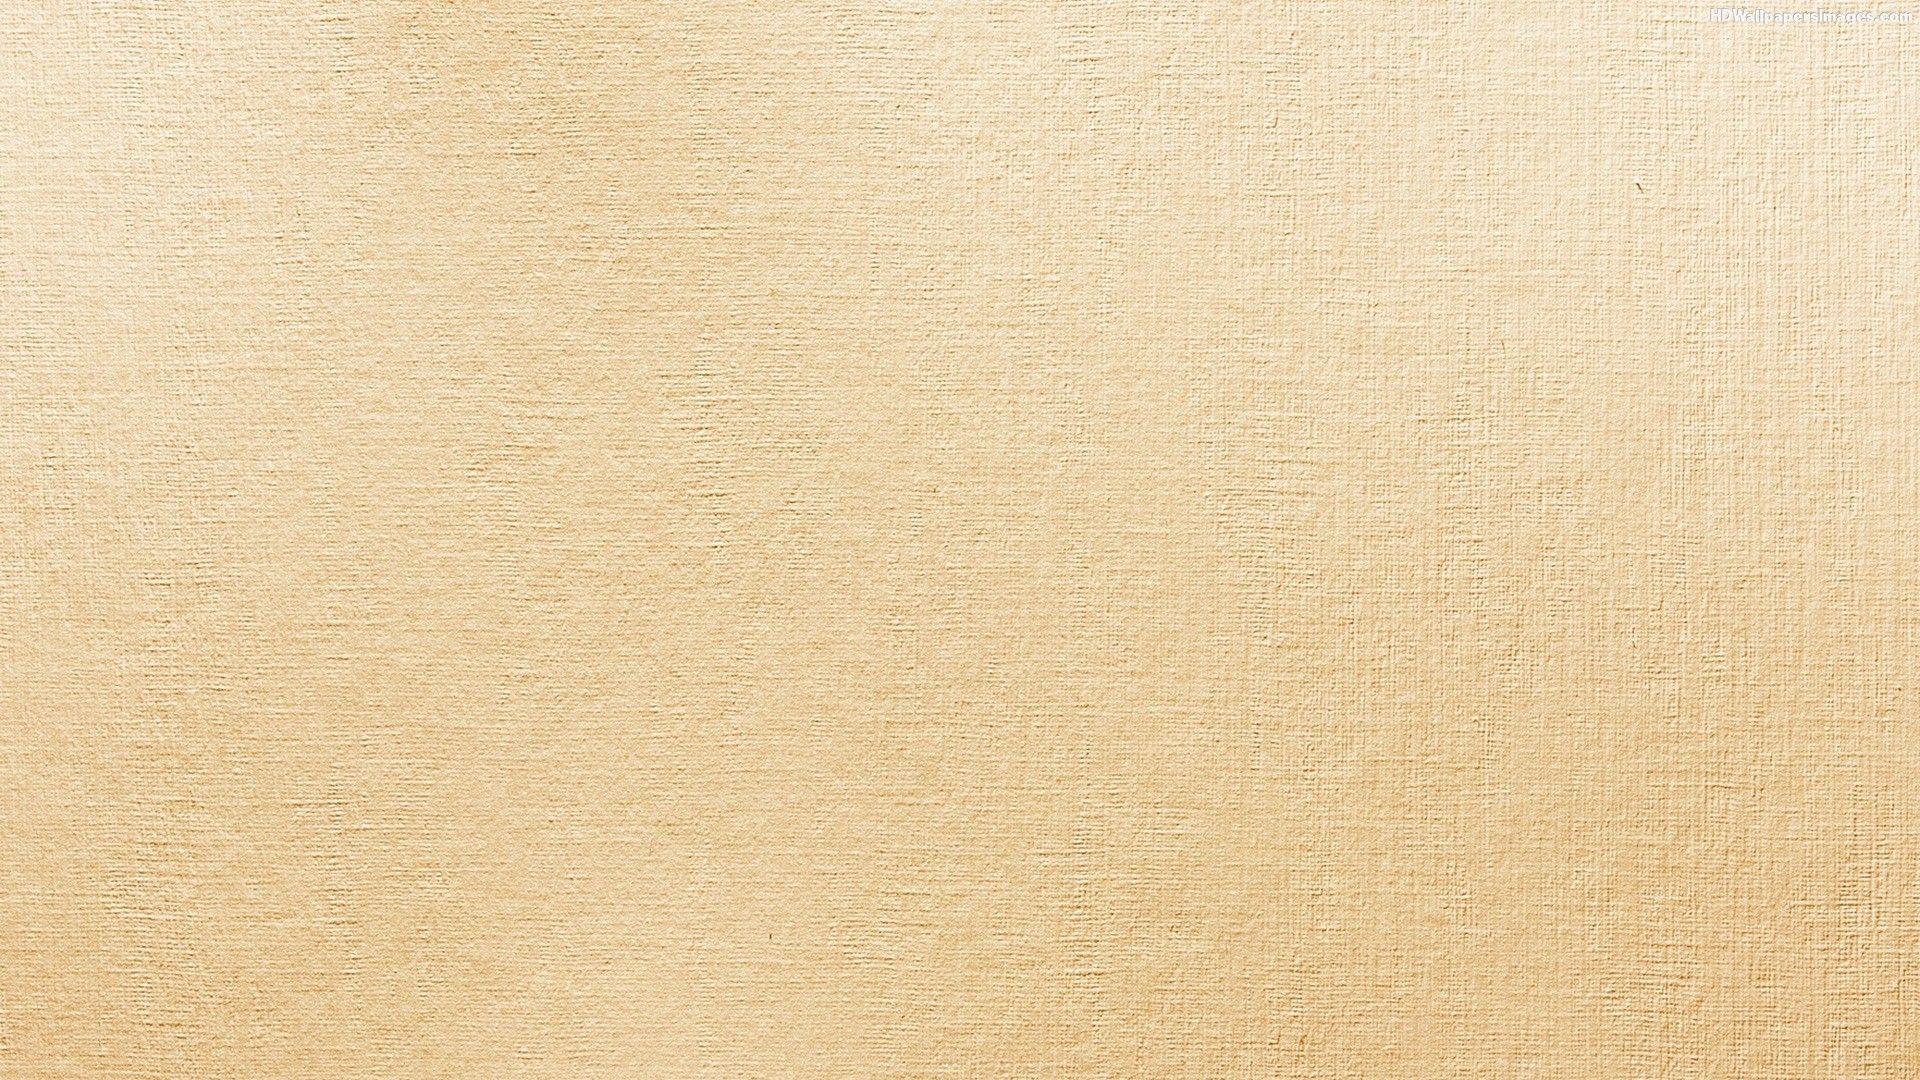 Canvas wallpaper download